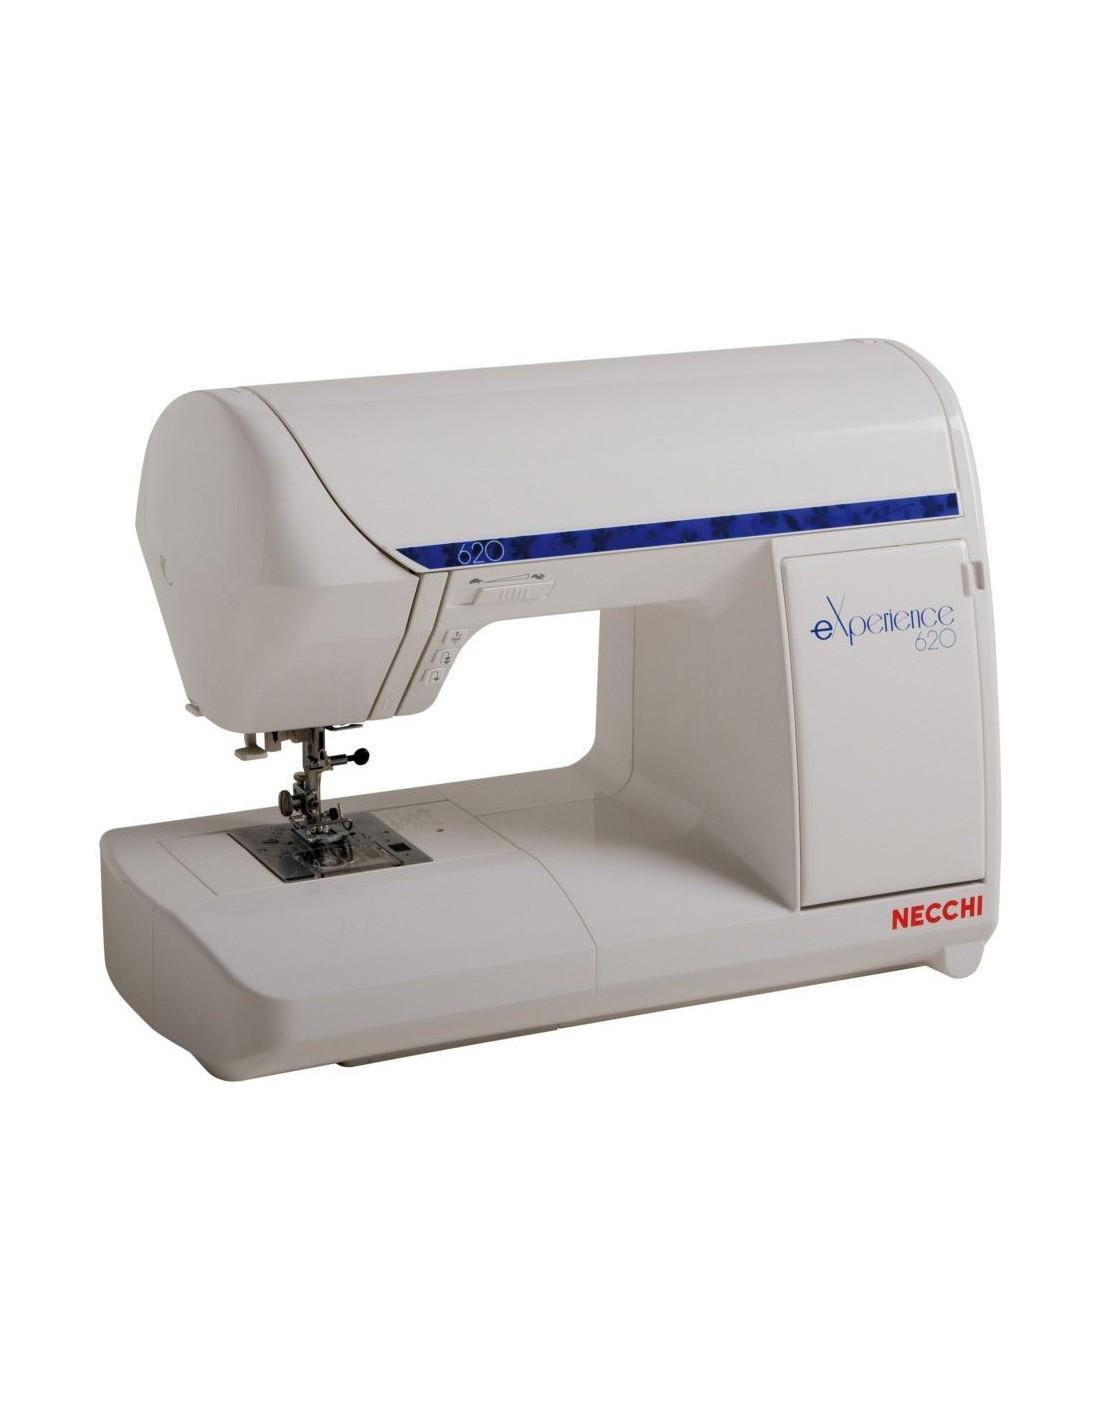 Macchina per cucire necchi 620 experience macchine da for Macchina da cucire